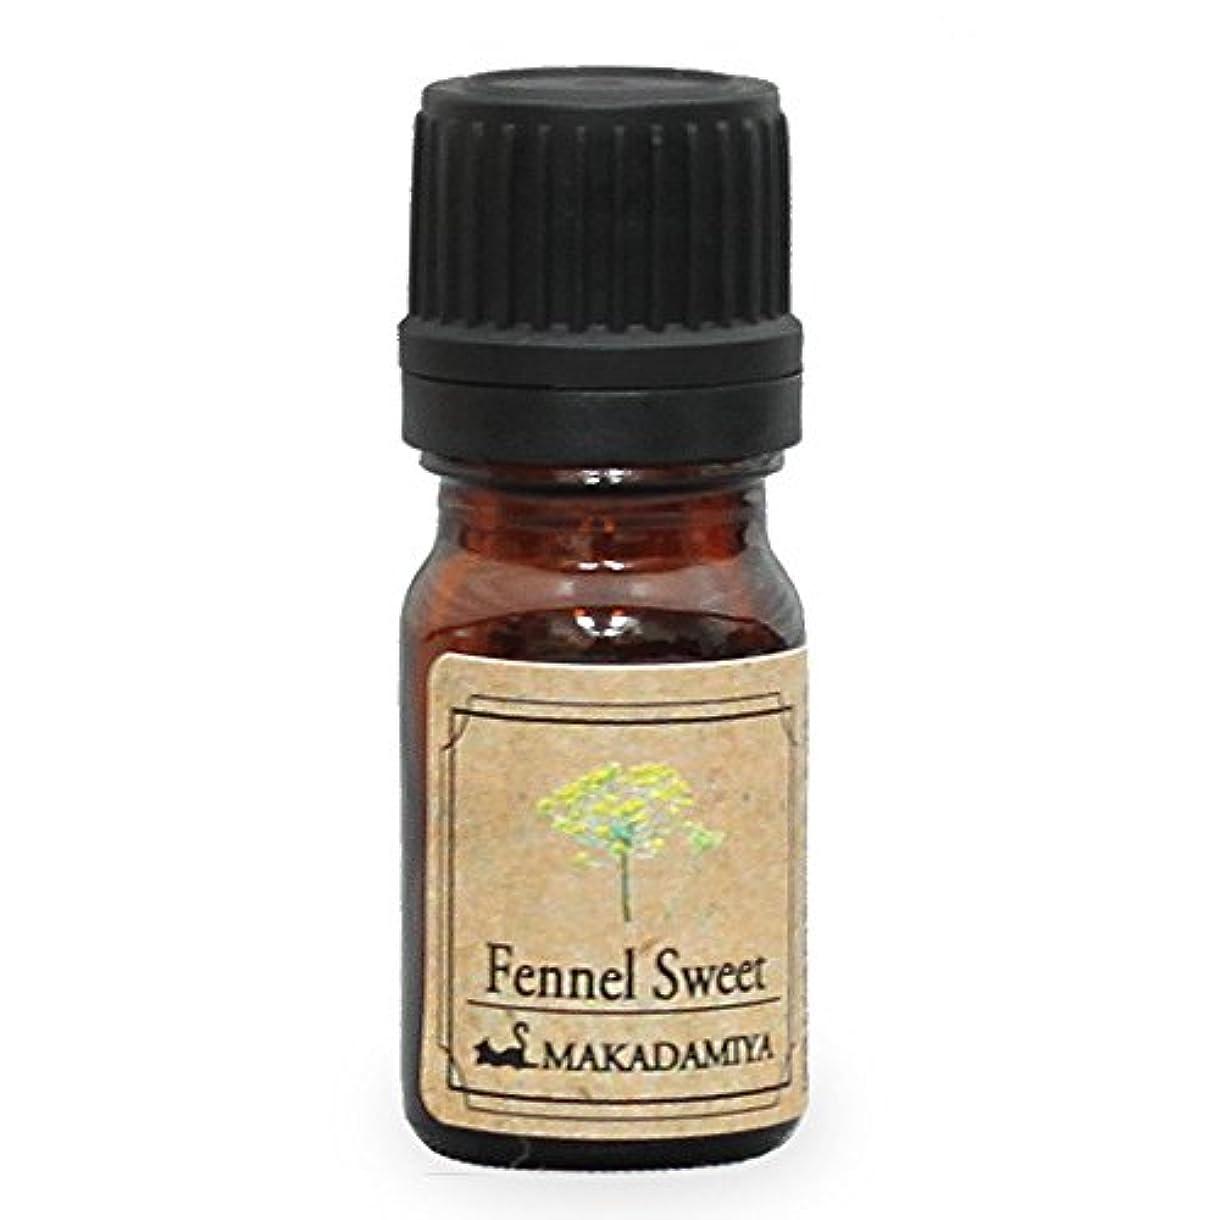 意味する農民バナナフェンネルスウィート5ml天然100%植物性エッセンシャルオイル(精油)アロマオイルアロママッサージアロマテラピーaroma Fennel Sweet